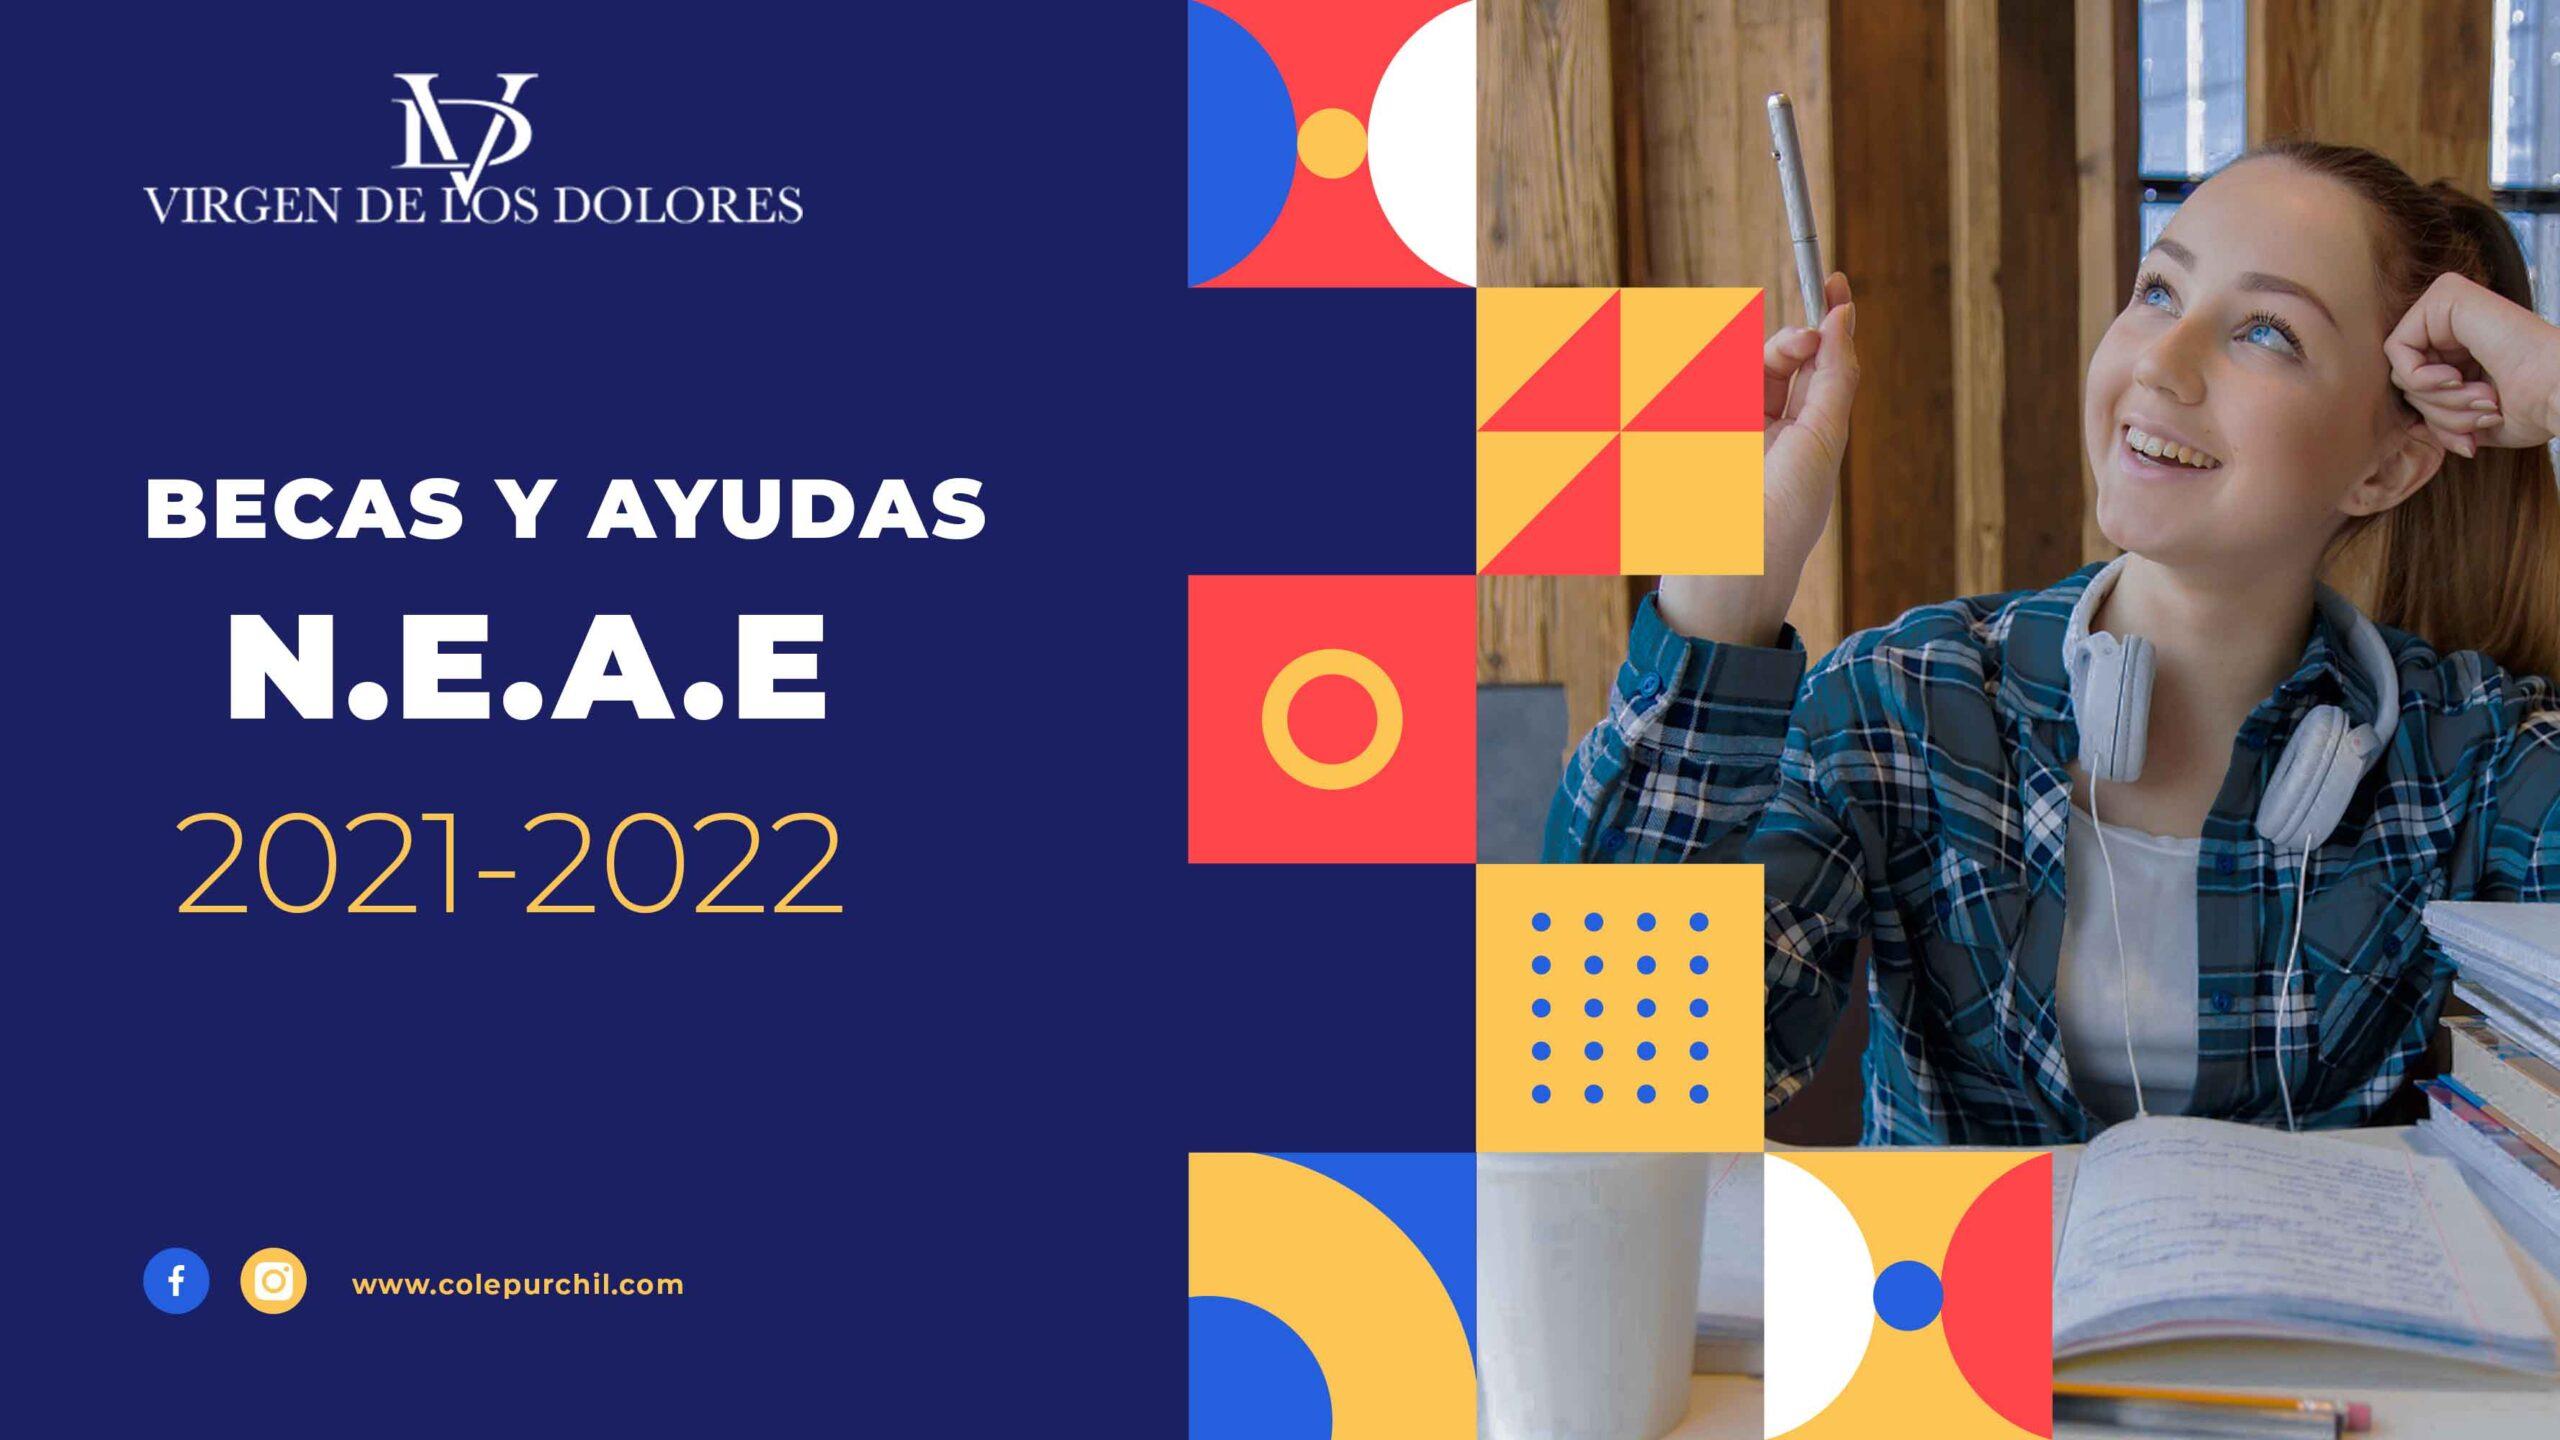 BECAS Y AYUDAS N.E.A.E 2021-2022